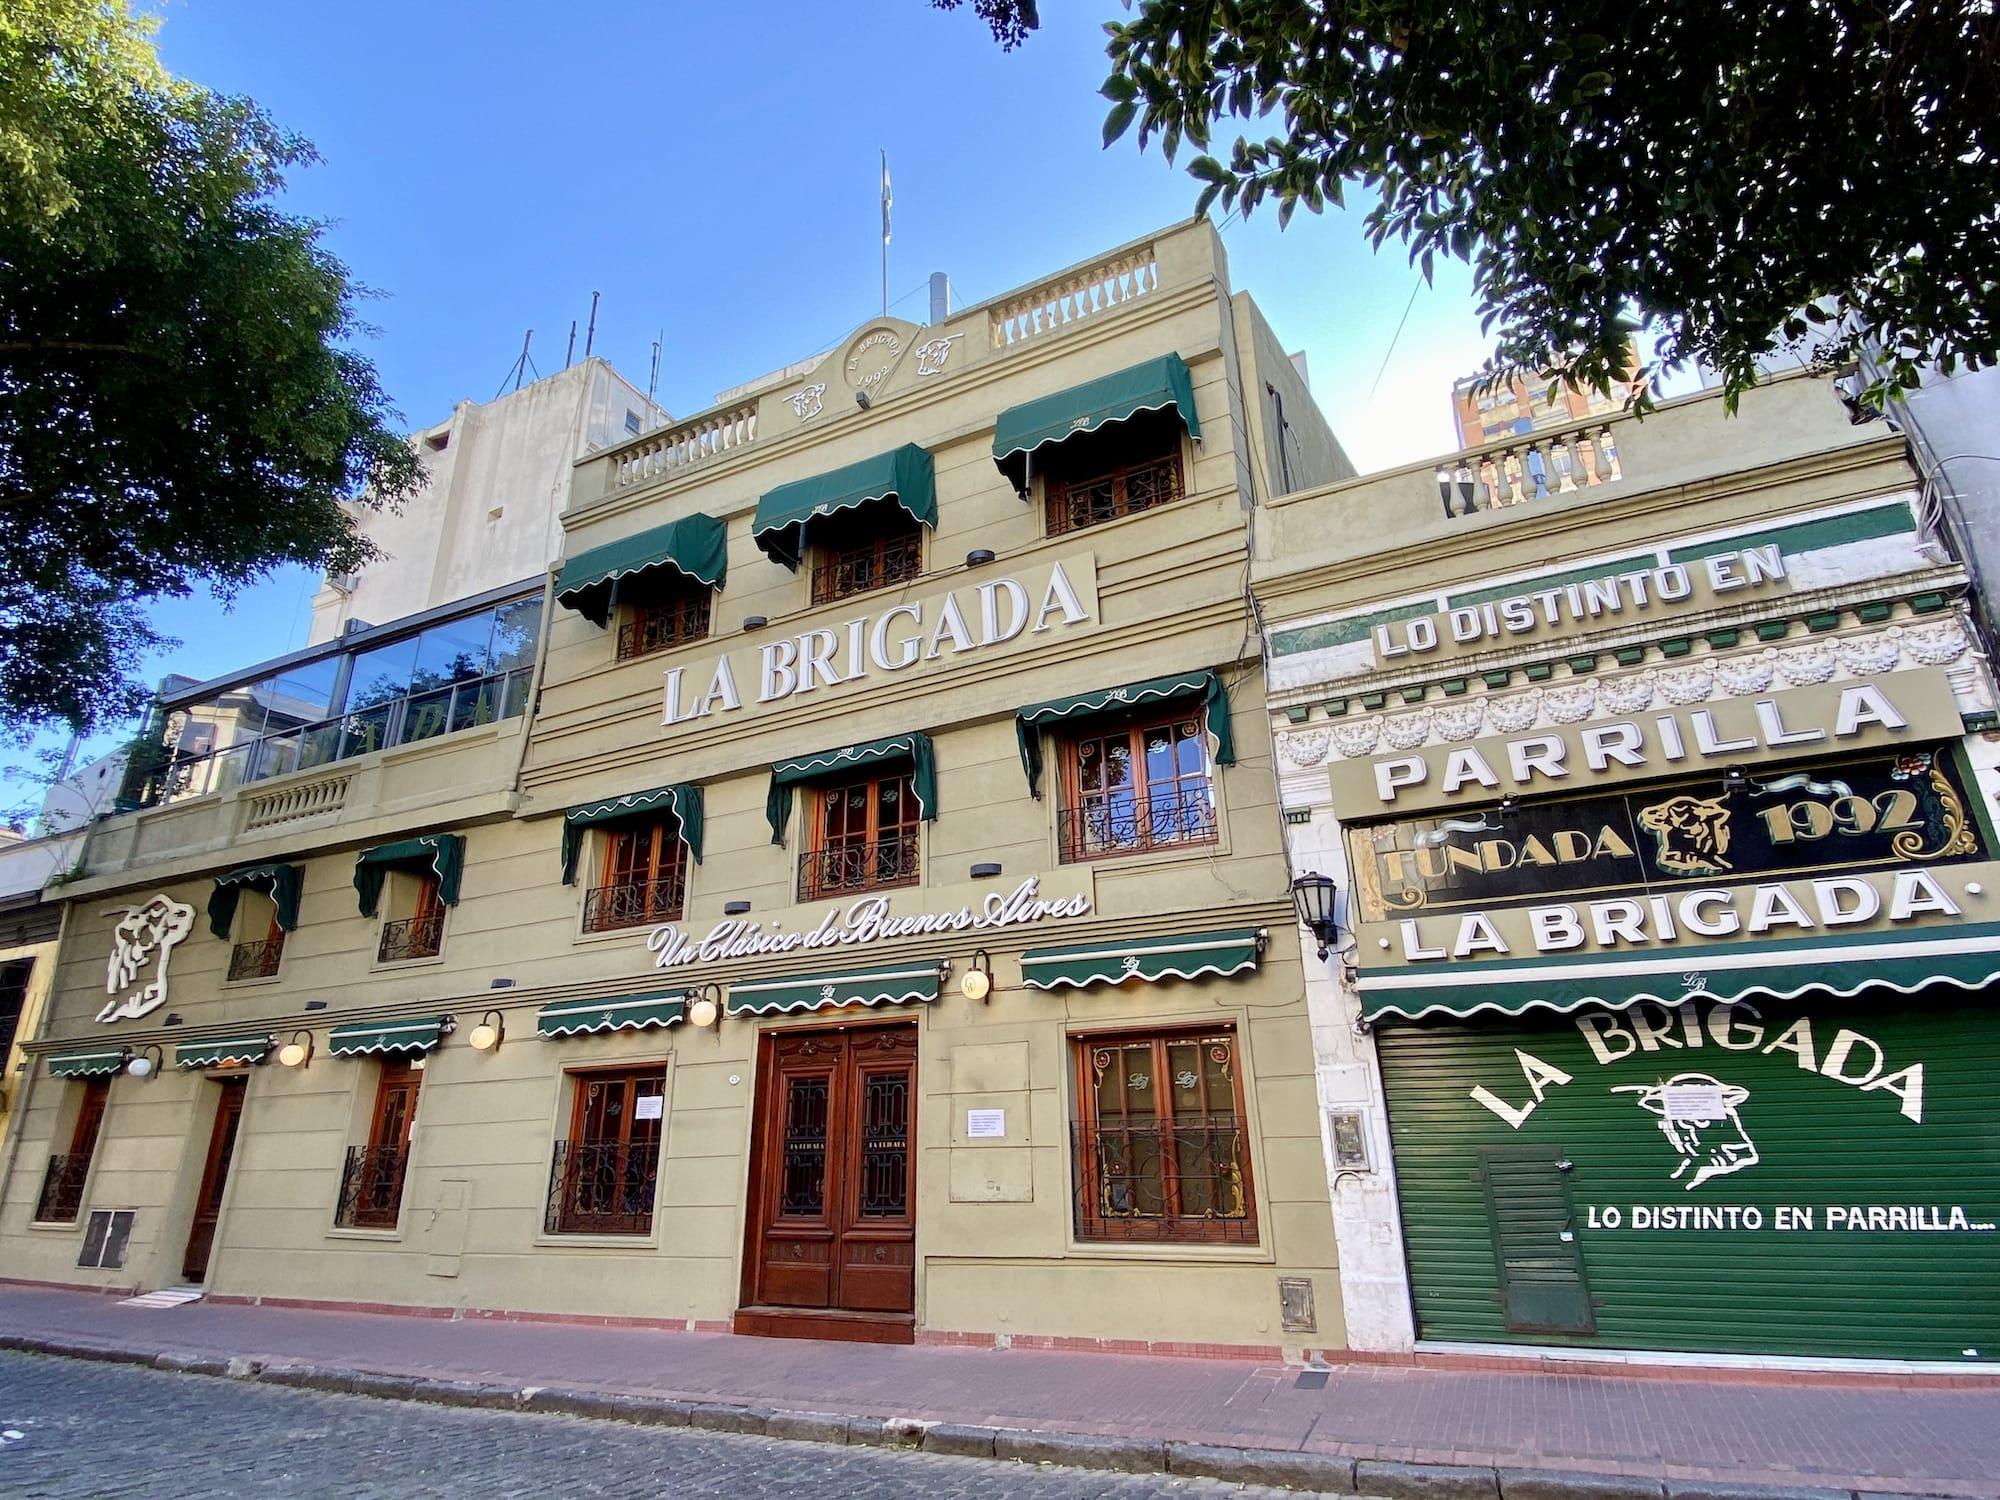 La Brigada steakhouse Buenos Aires